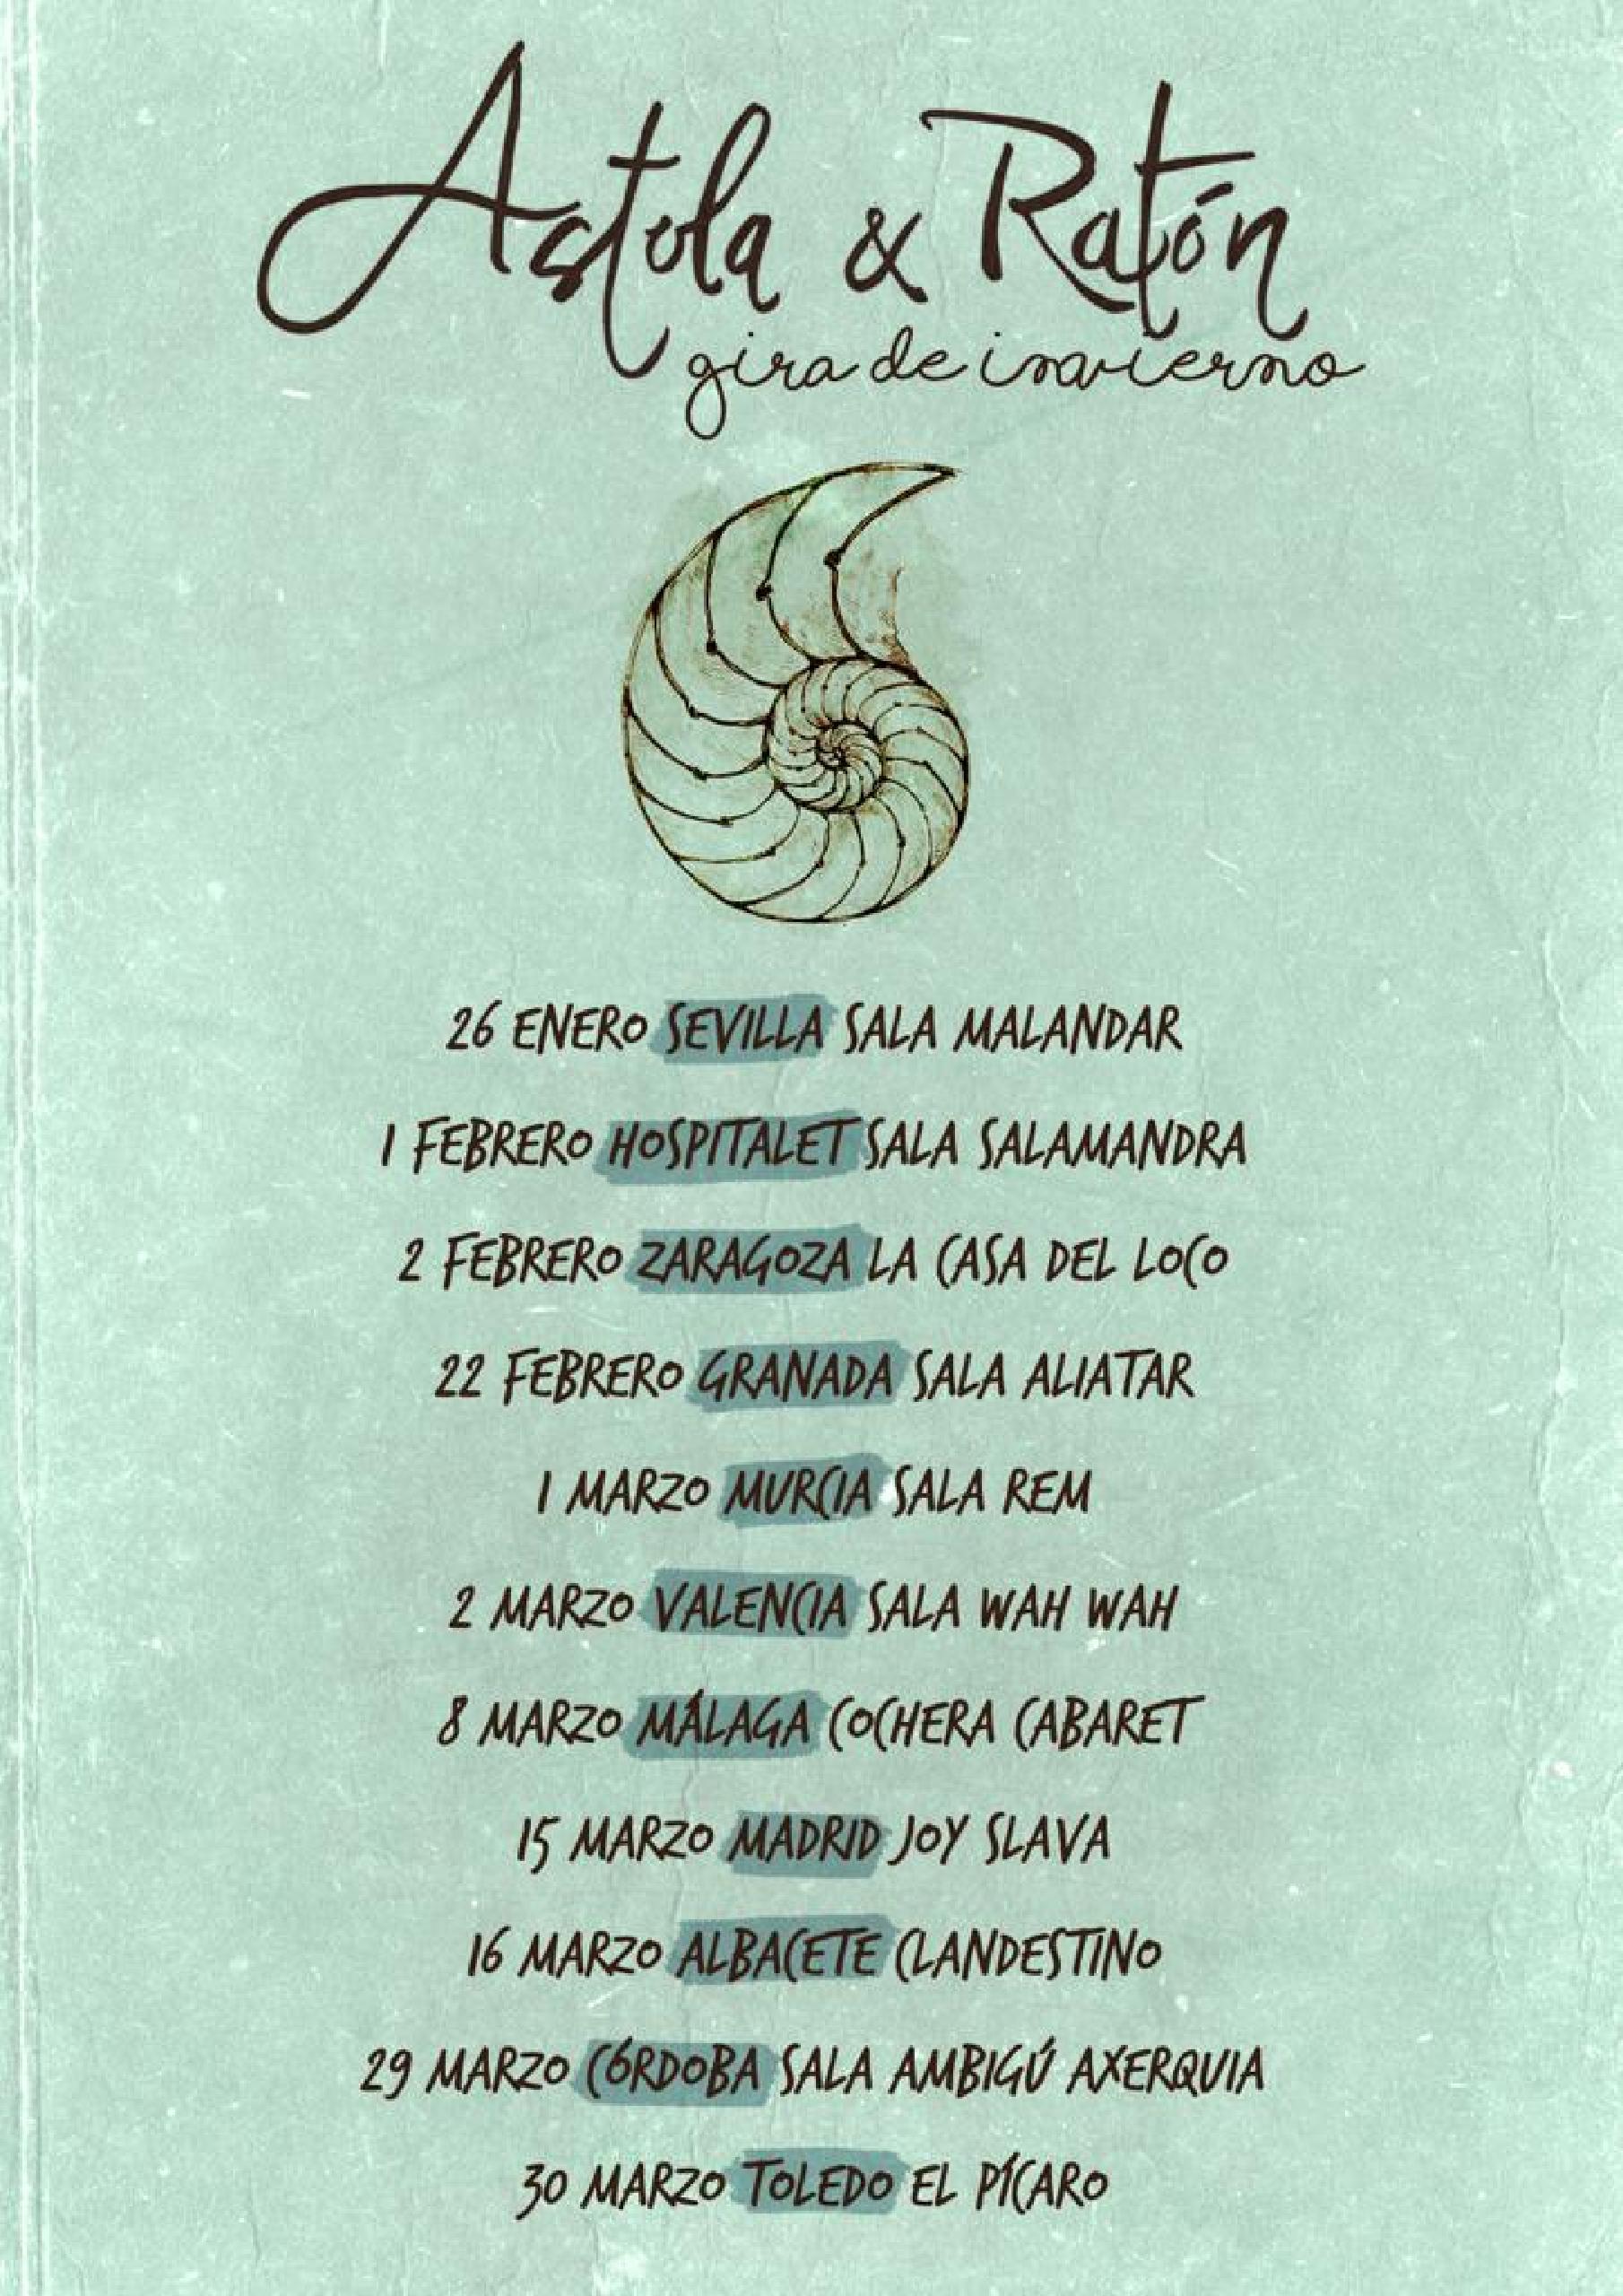 Concierto de Astola & Ratón en Granada